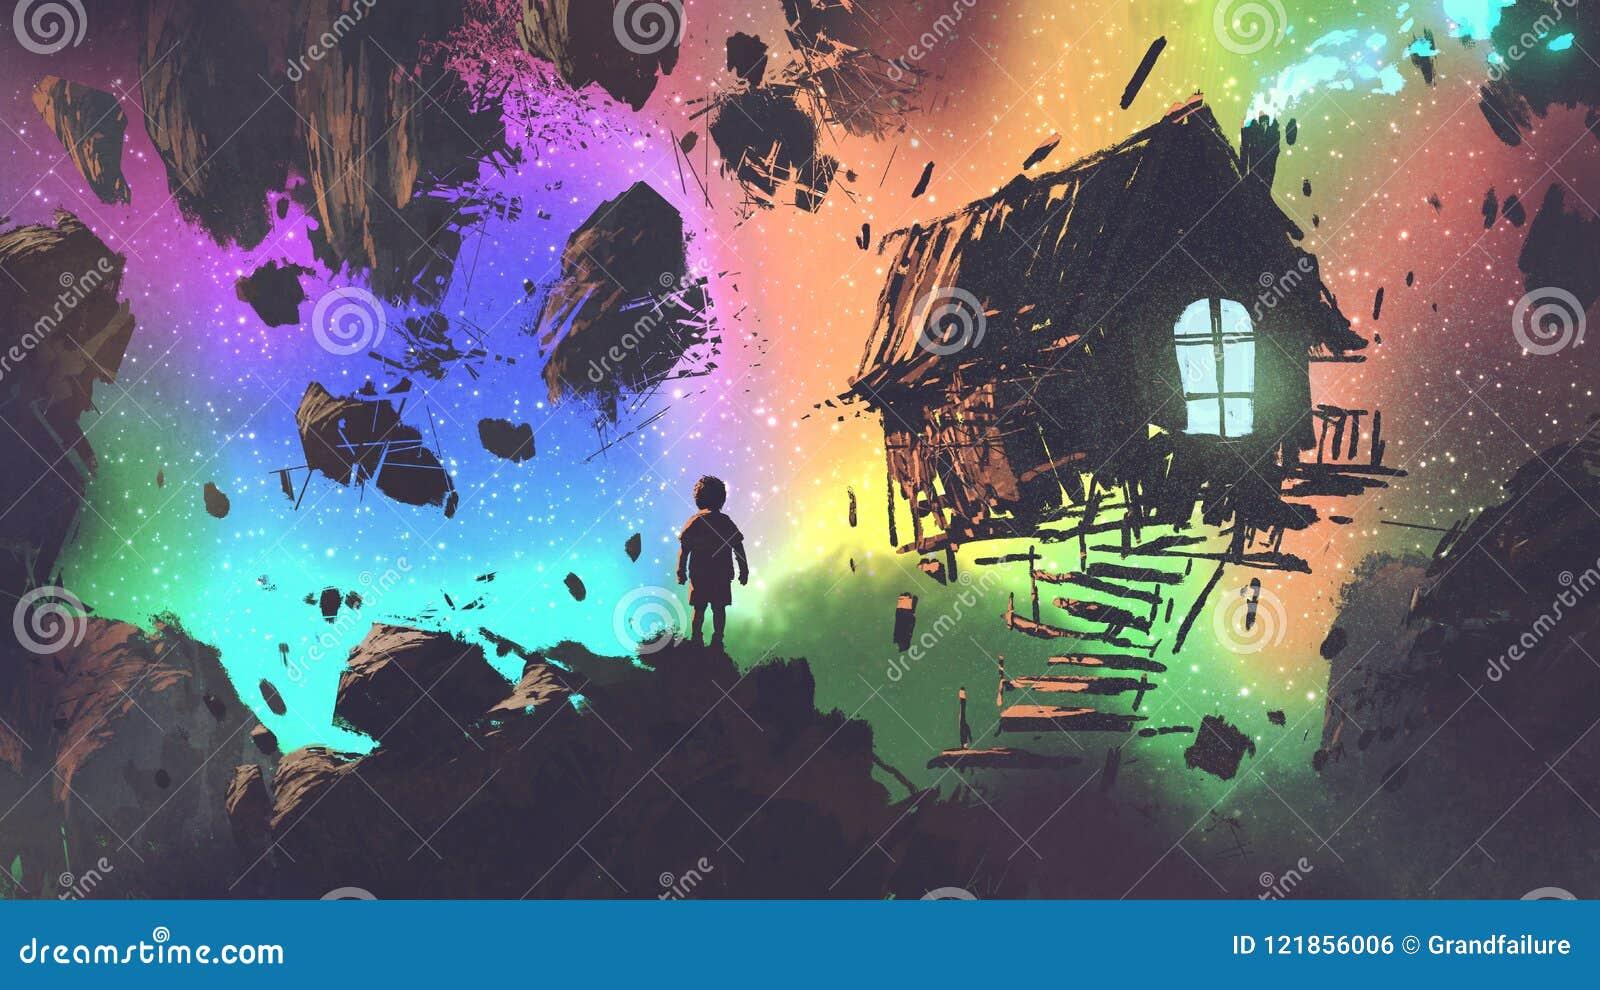 Pojken och ett hus i ett konstigt ställe